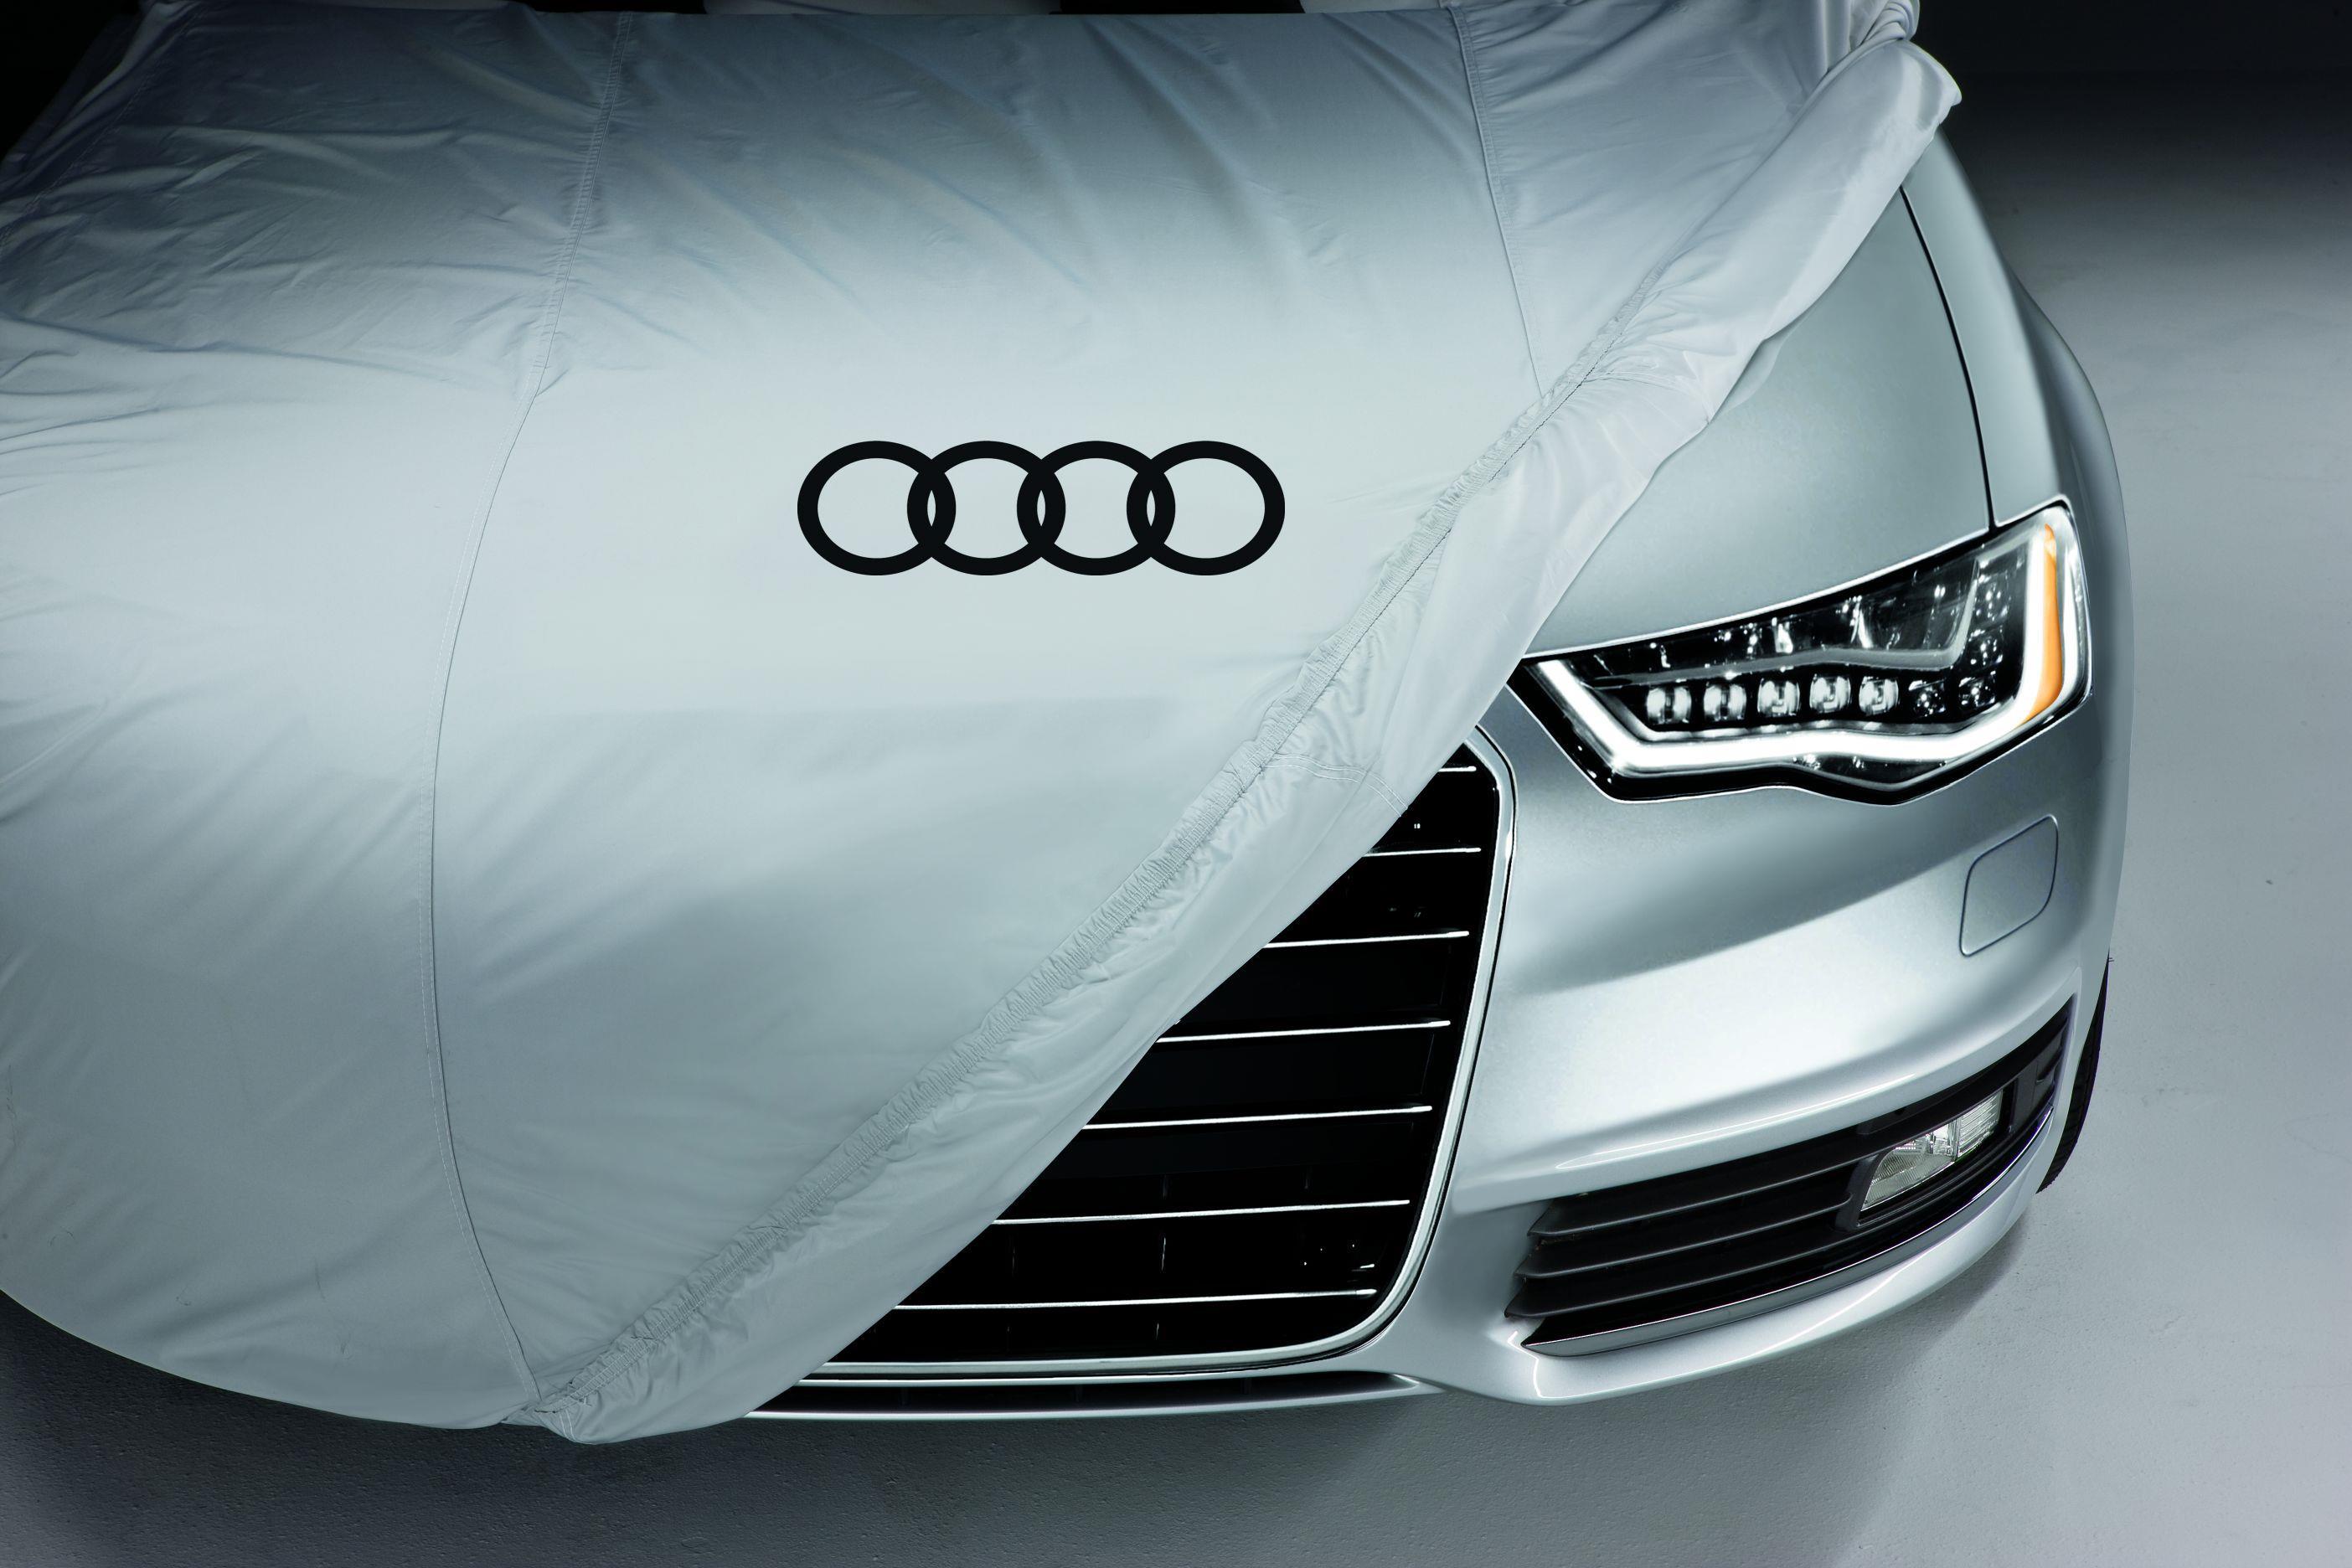 Audi A6 Genuine Accessories